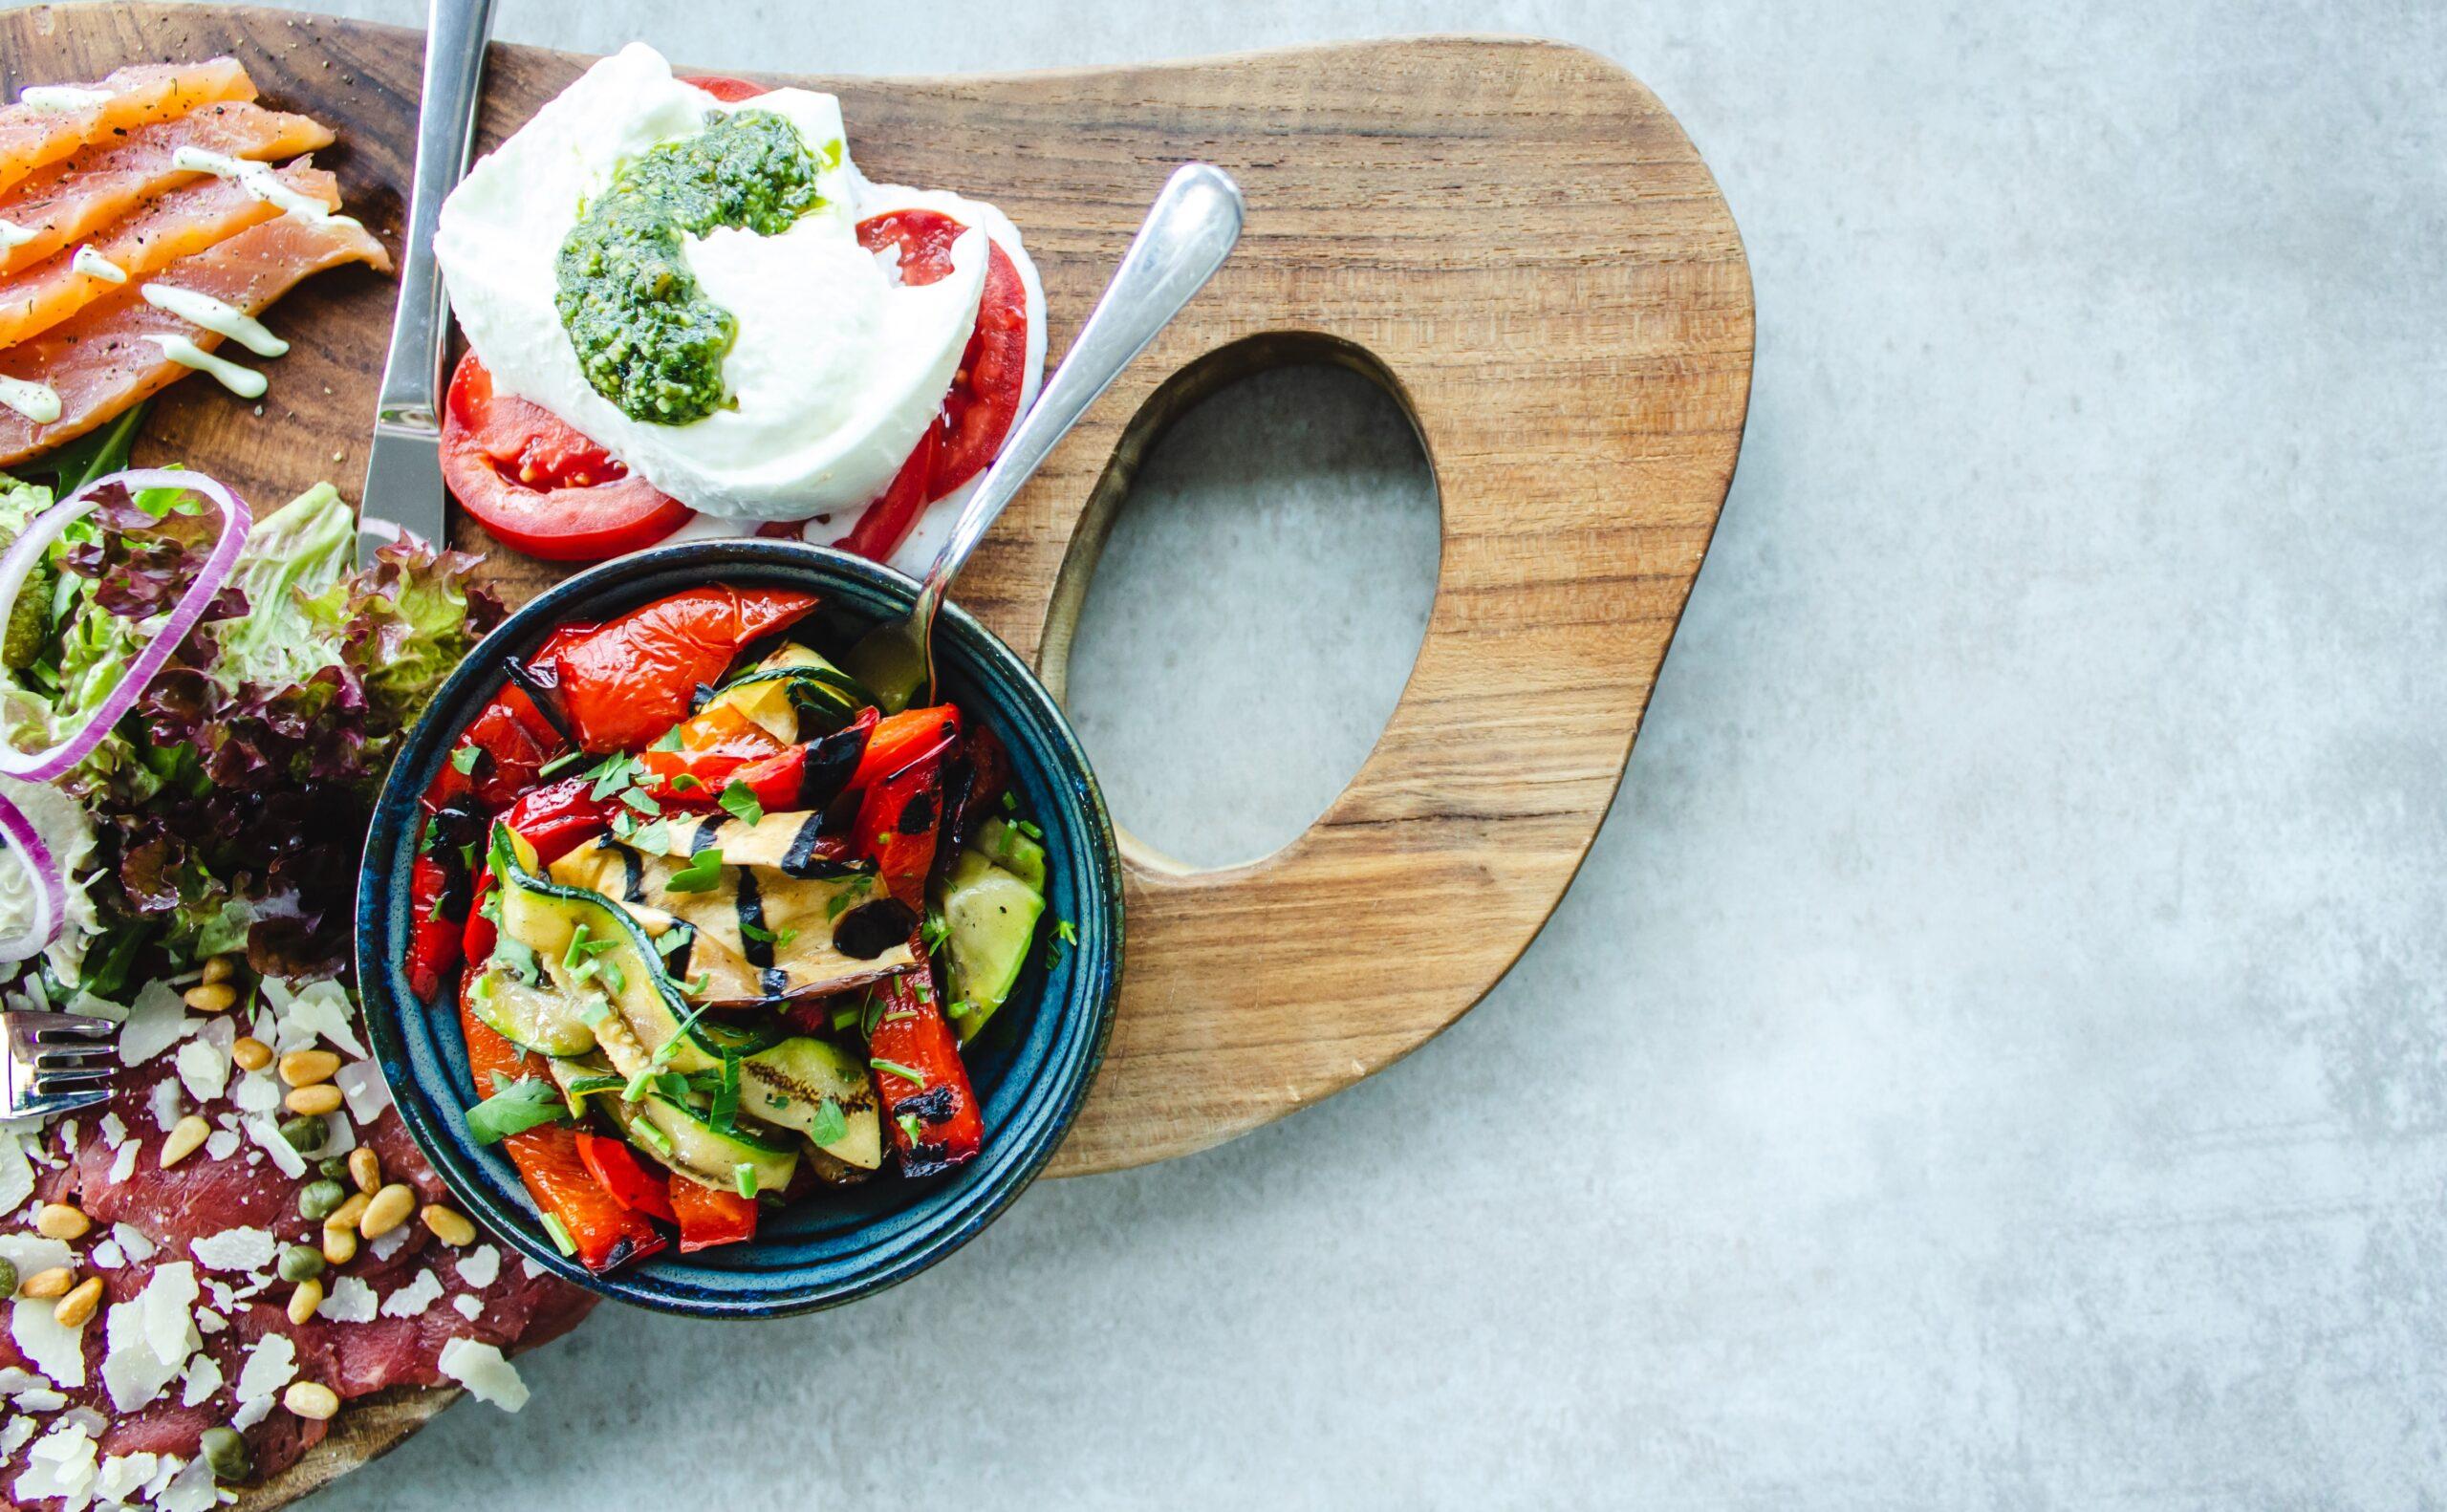 φαγητό σε πιάτο / food in plate